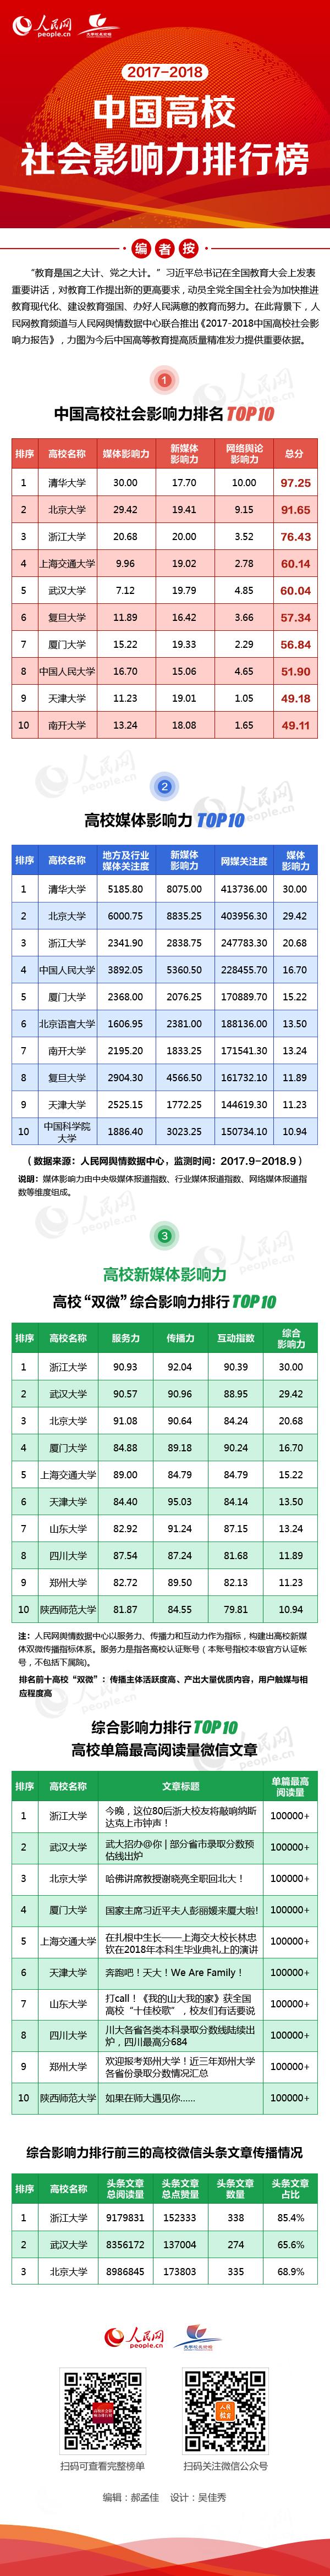 图解:2017-2018中国高校社会影响力排行榜